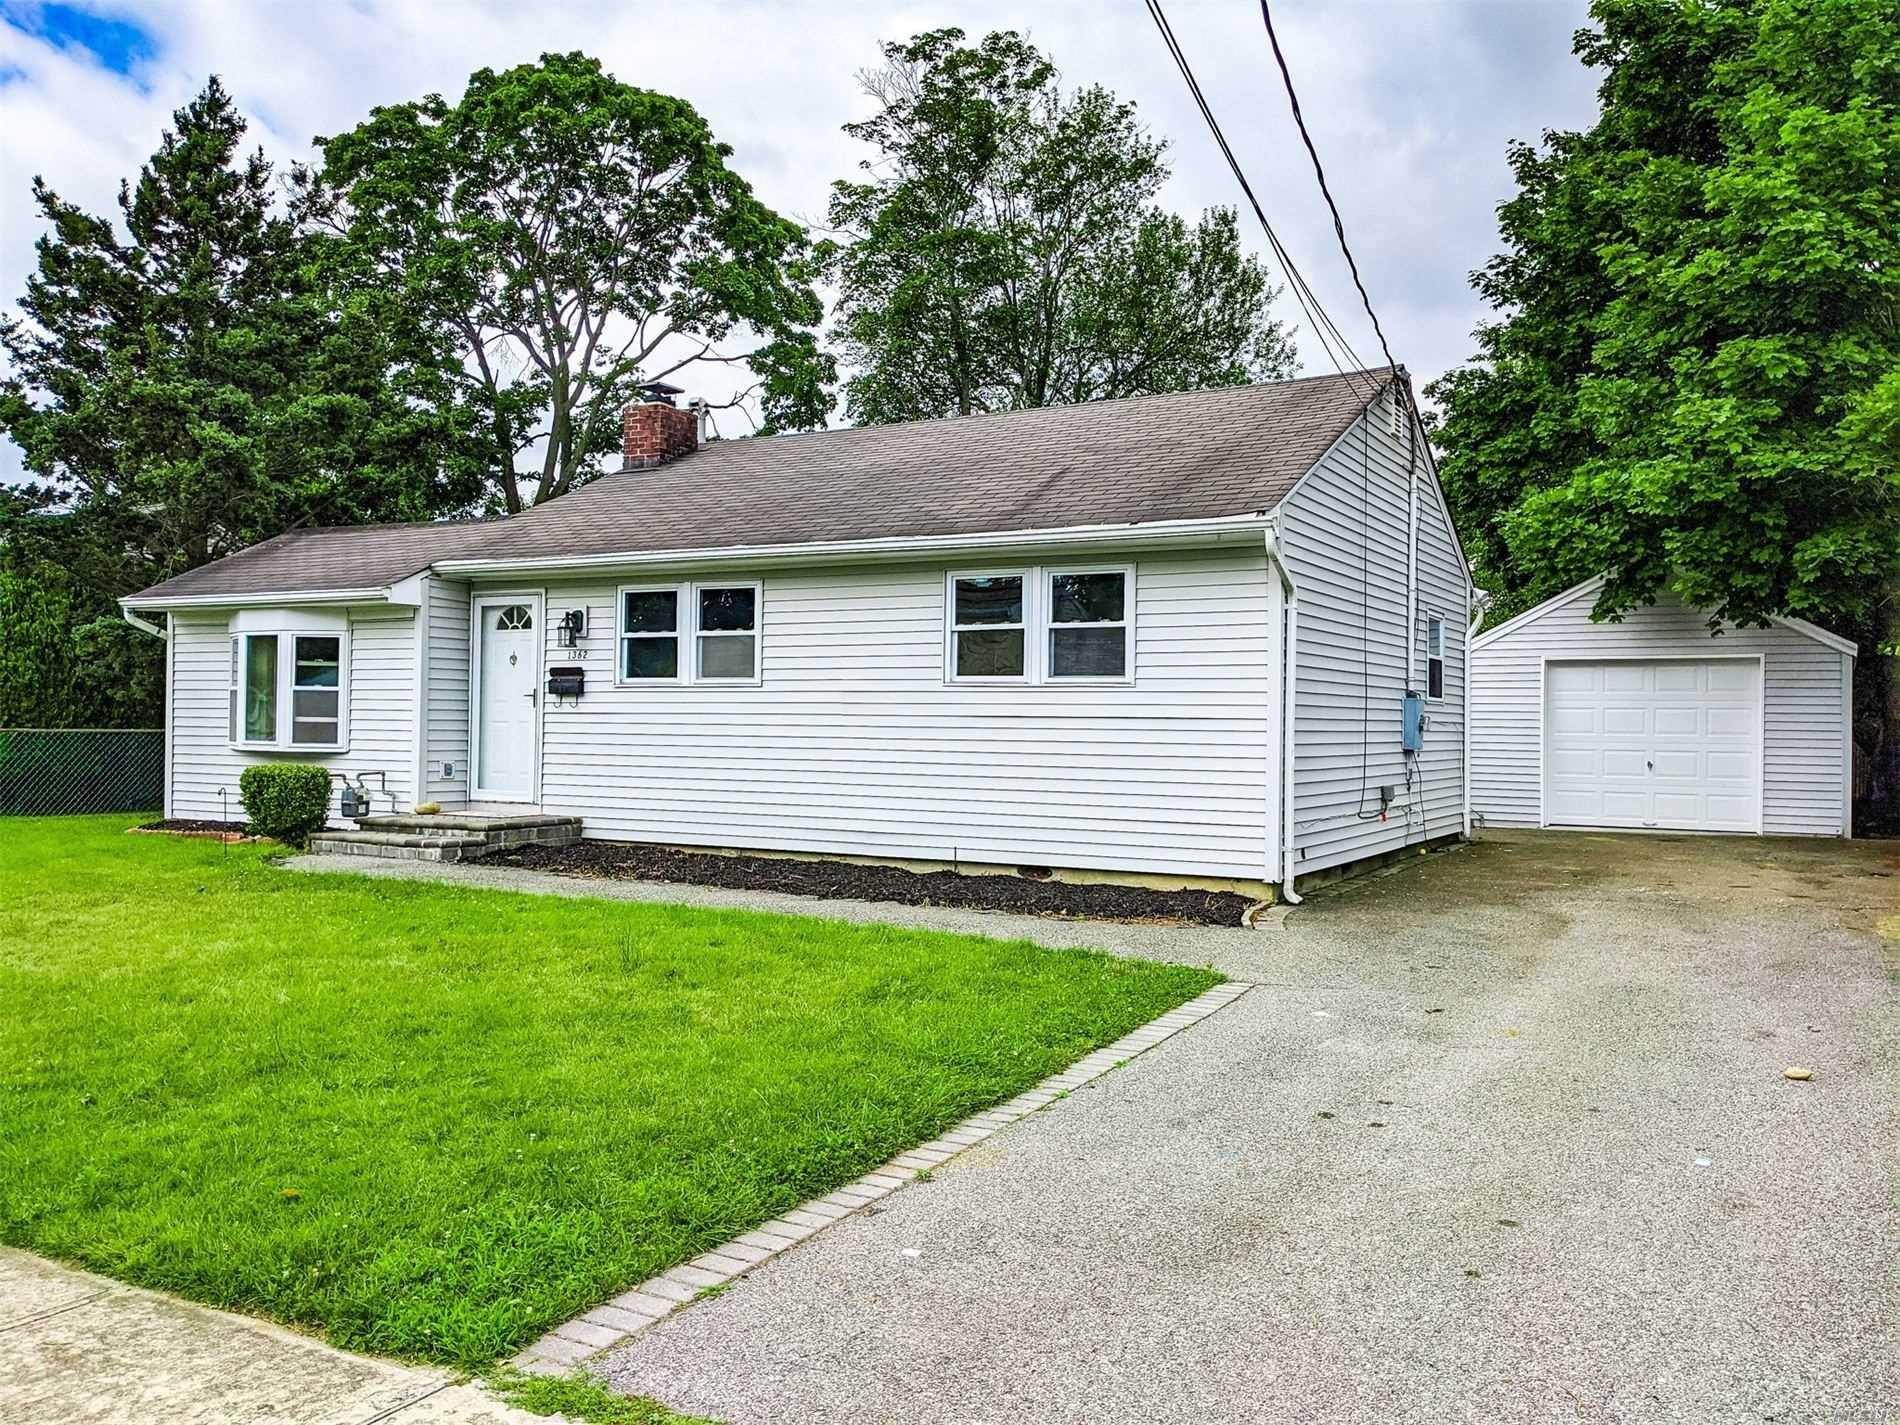 1362 Lombardy Boulevard, Bay Shore, NY 11706 - MLS#: 3233370